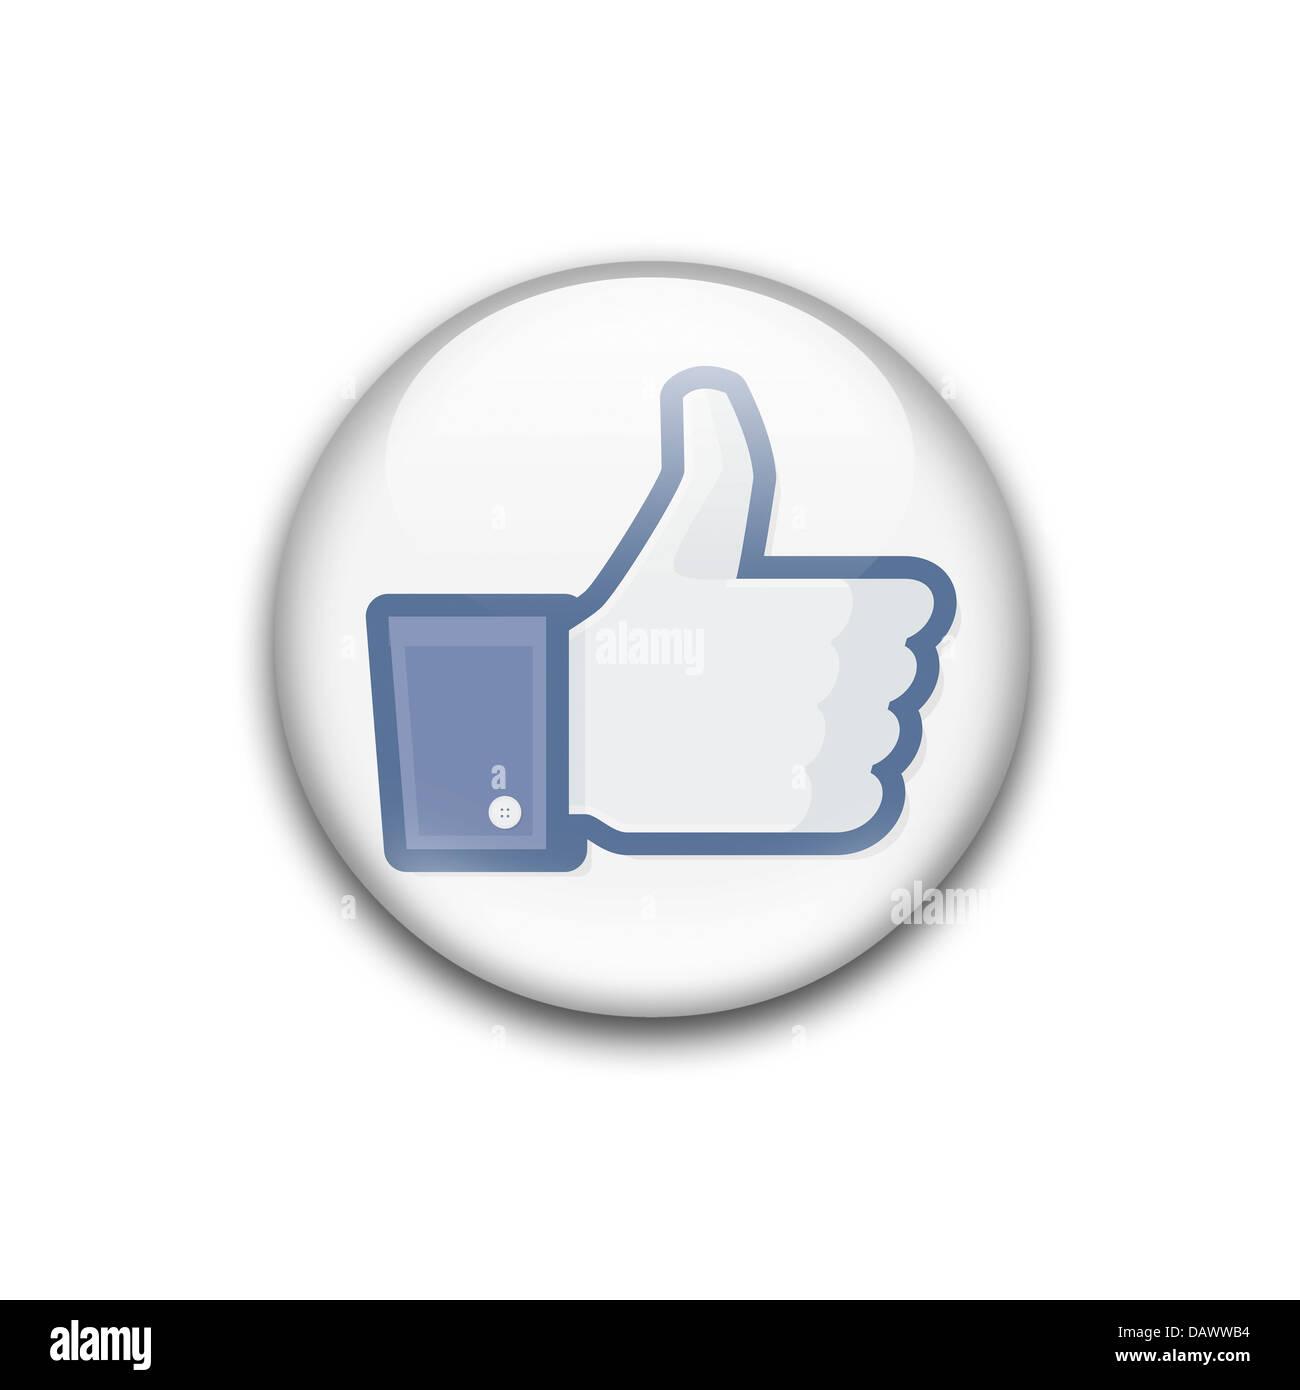 Facebook like logo symbol icon flag emblem stock photo 58346376 alamy facebook like logo symbol icon flag emblem stock photo buycottarizona Image collections